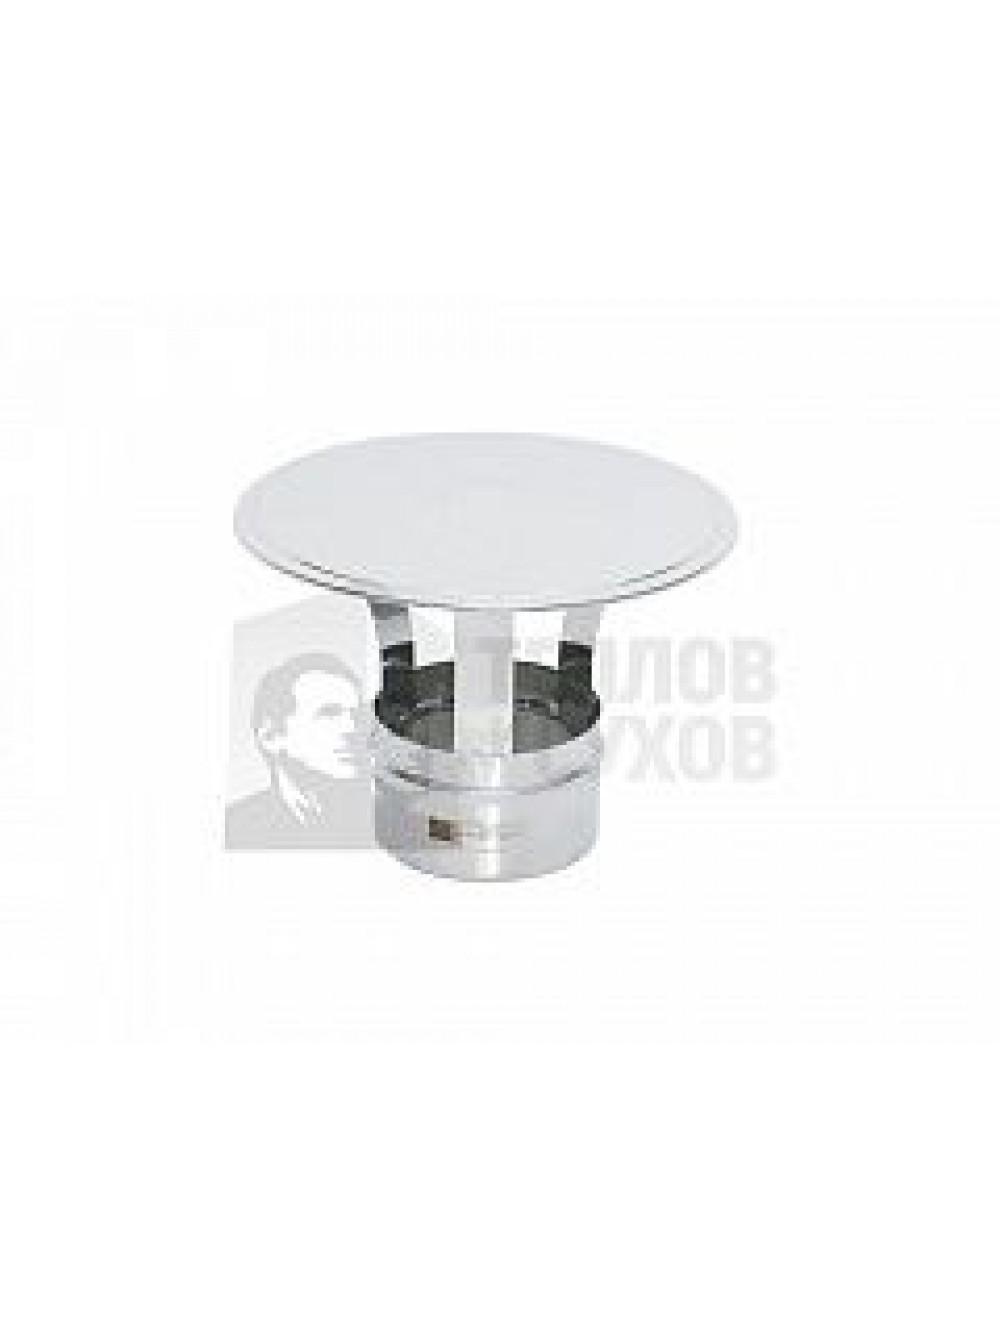 Зонт-Конус Термо ЗКТ-Р 430-0.5/430 D110/180